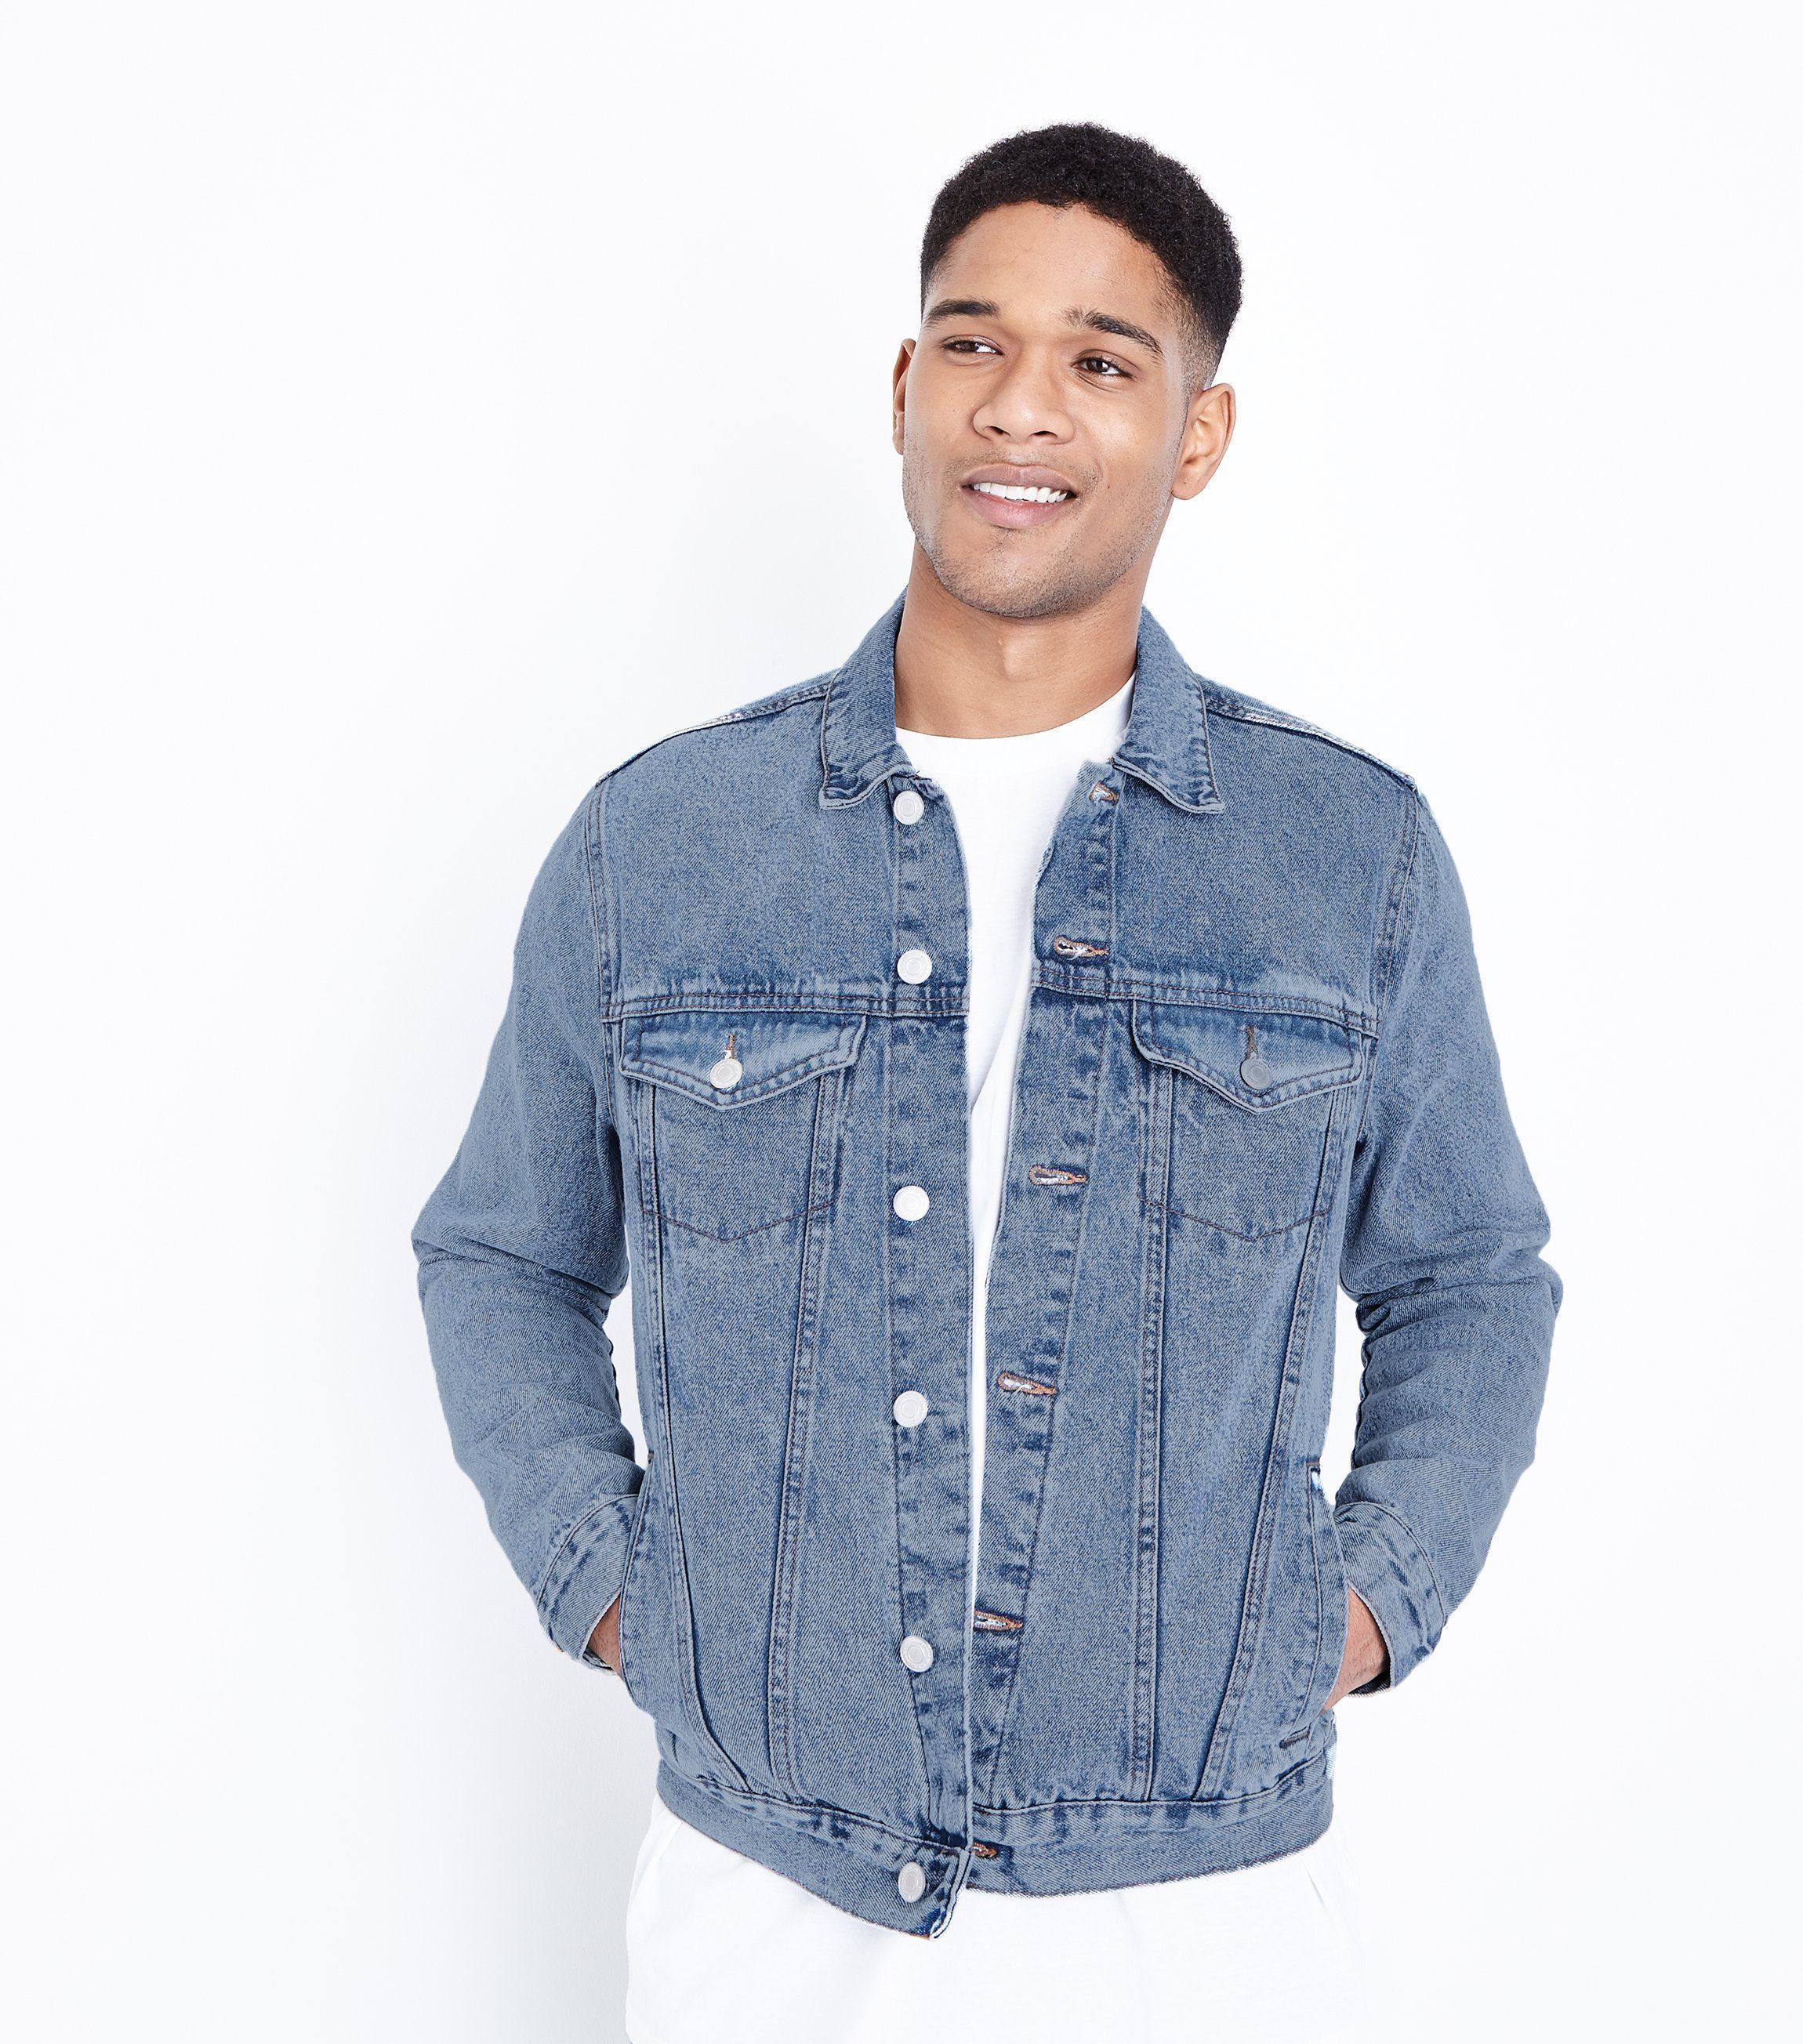 Мужская мода 2019 весна лето: основные тенденции новые фото